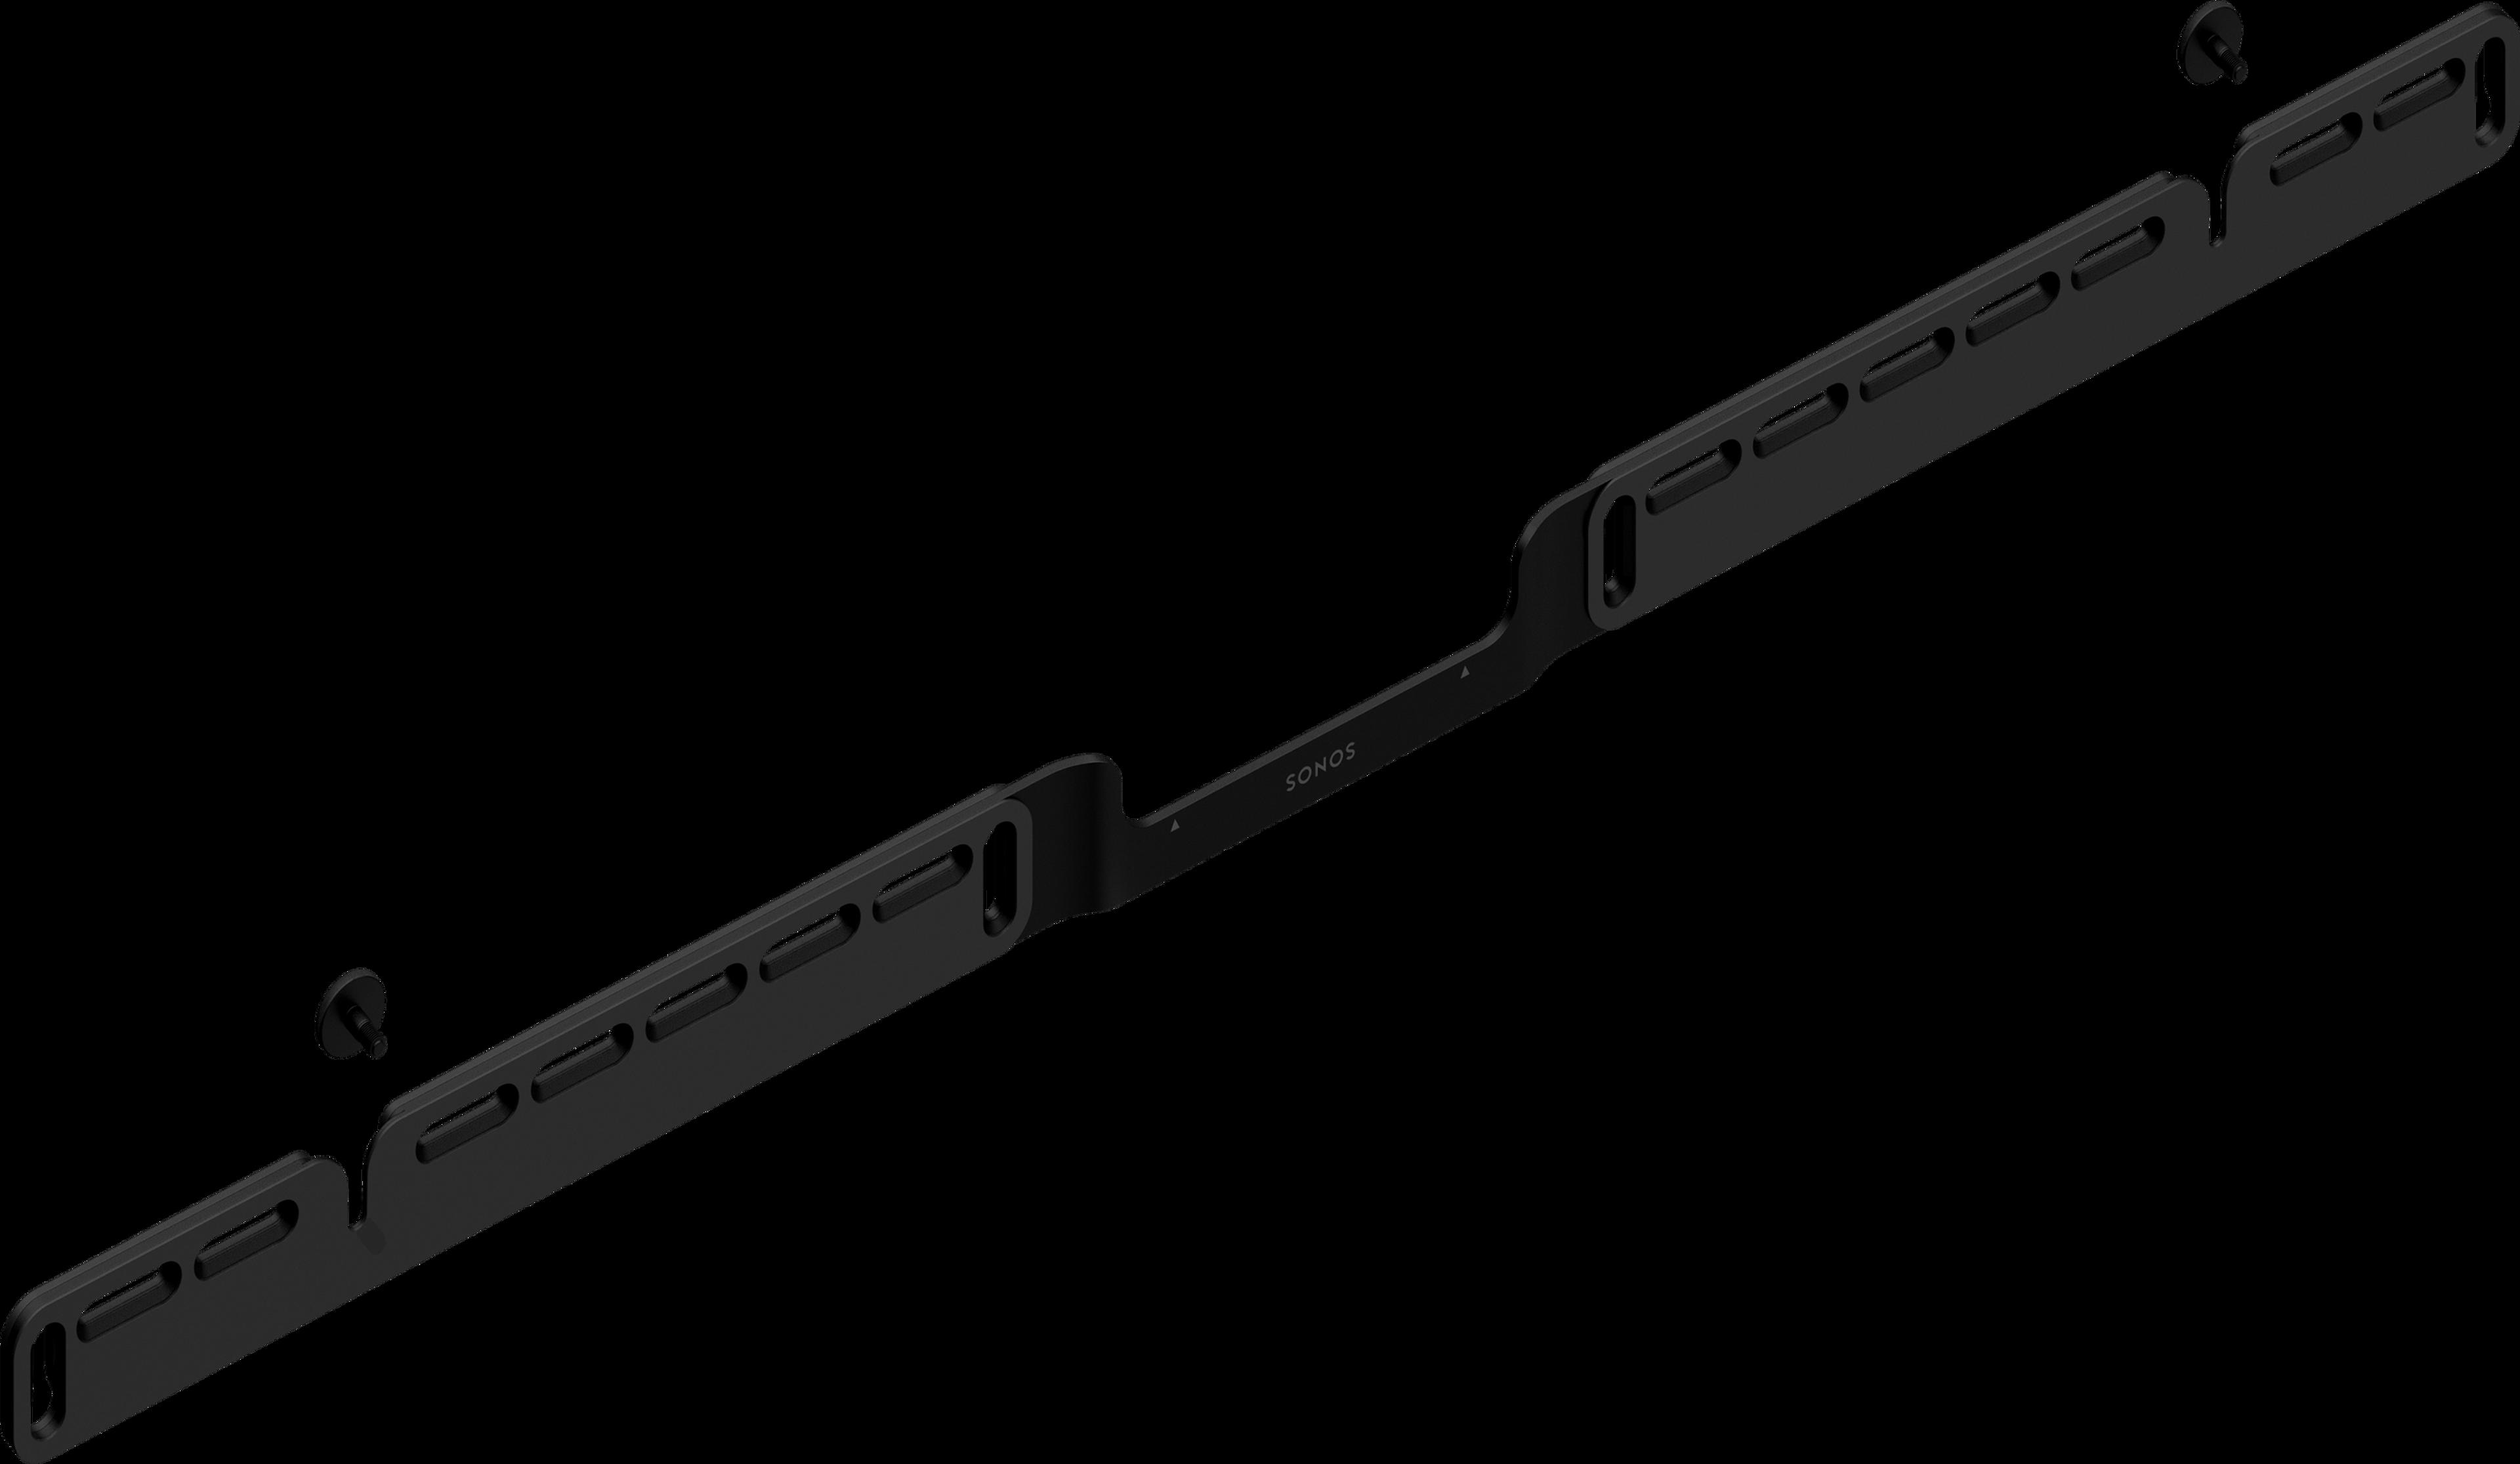 Arc支架弯角黑色